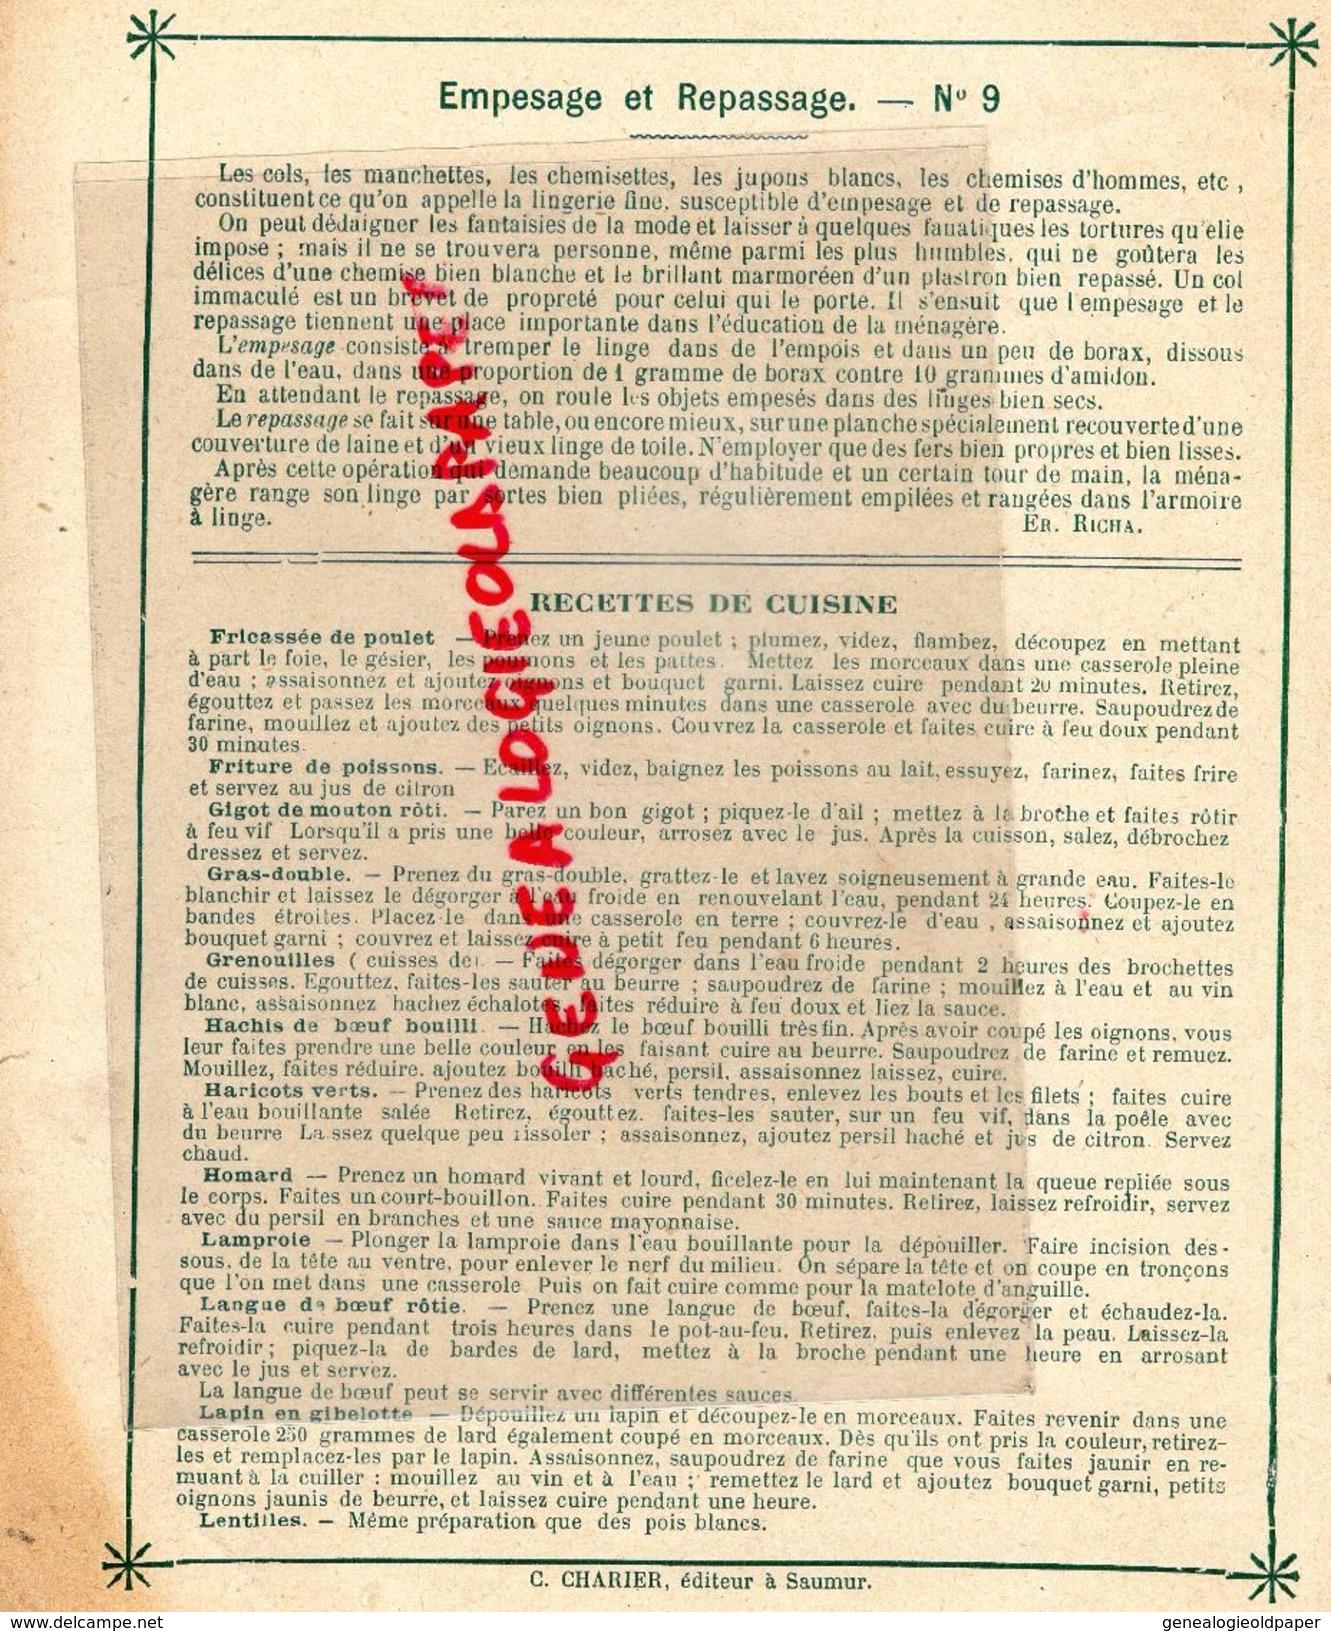 PROTEGE CAHIER-IMPRIMERIE DUCOURTIEUX LIMOGES-MAITRESSE DE MAISON-EMPESAGE REPASSAGE-CUISINE -CHARIER SAUMUR - Papel Secante